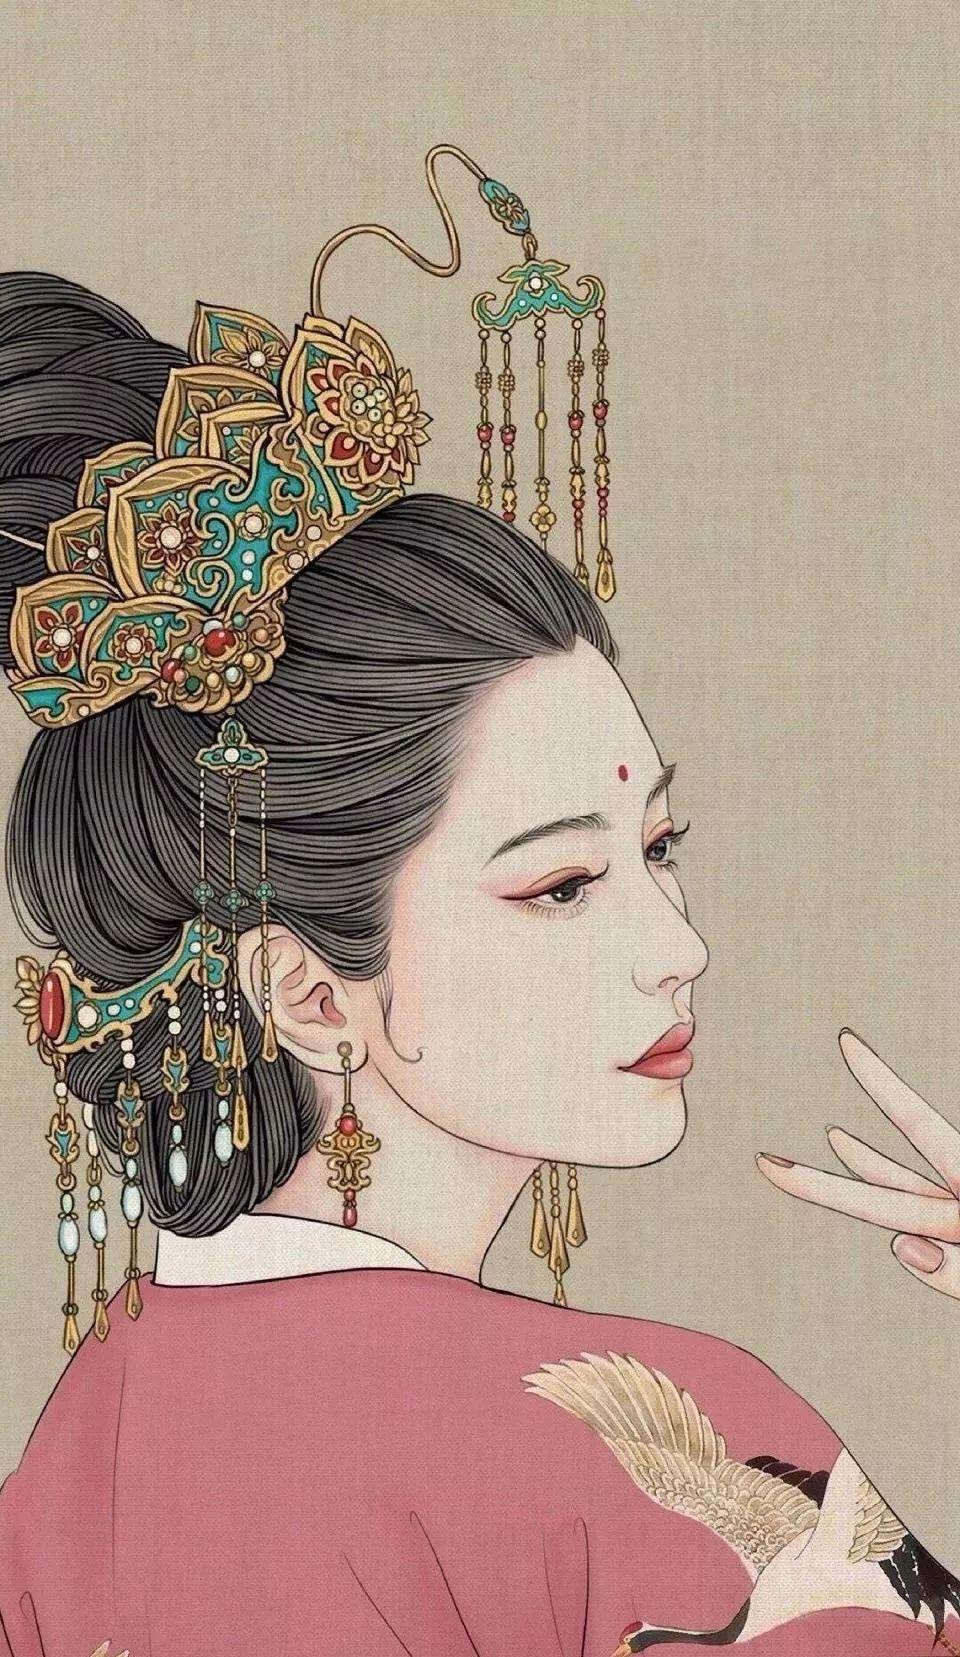 惊艳手绘插画:古风线条画出女子极致的美